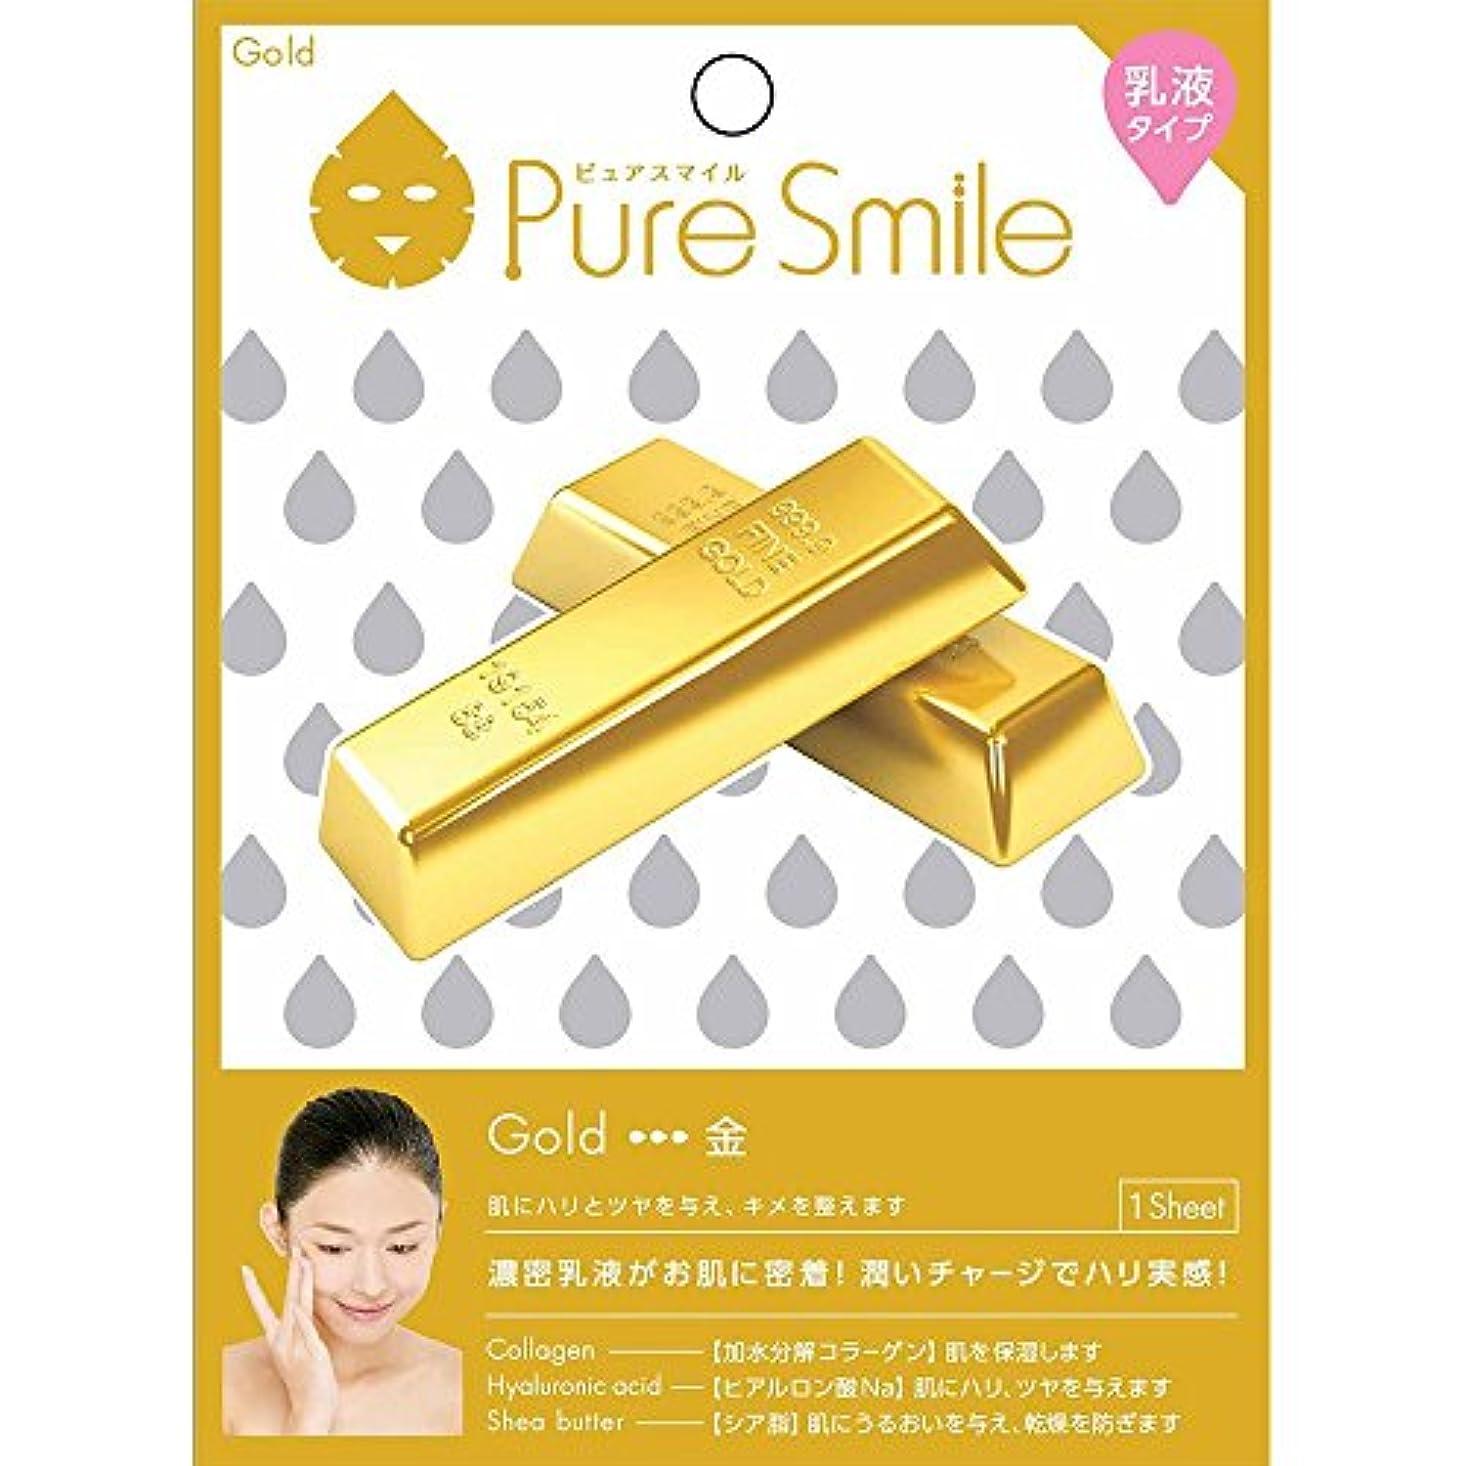 関税夜明け日曜日Pure Smile(ピュアスマイル) 乳液エッセンスマスク 1 枚 金